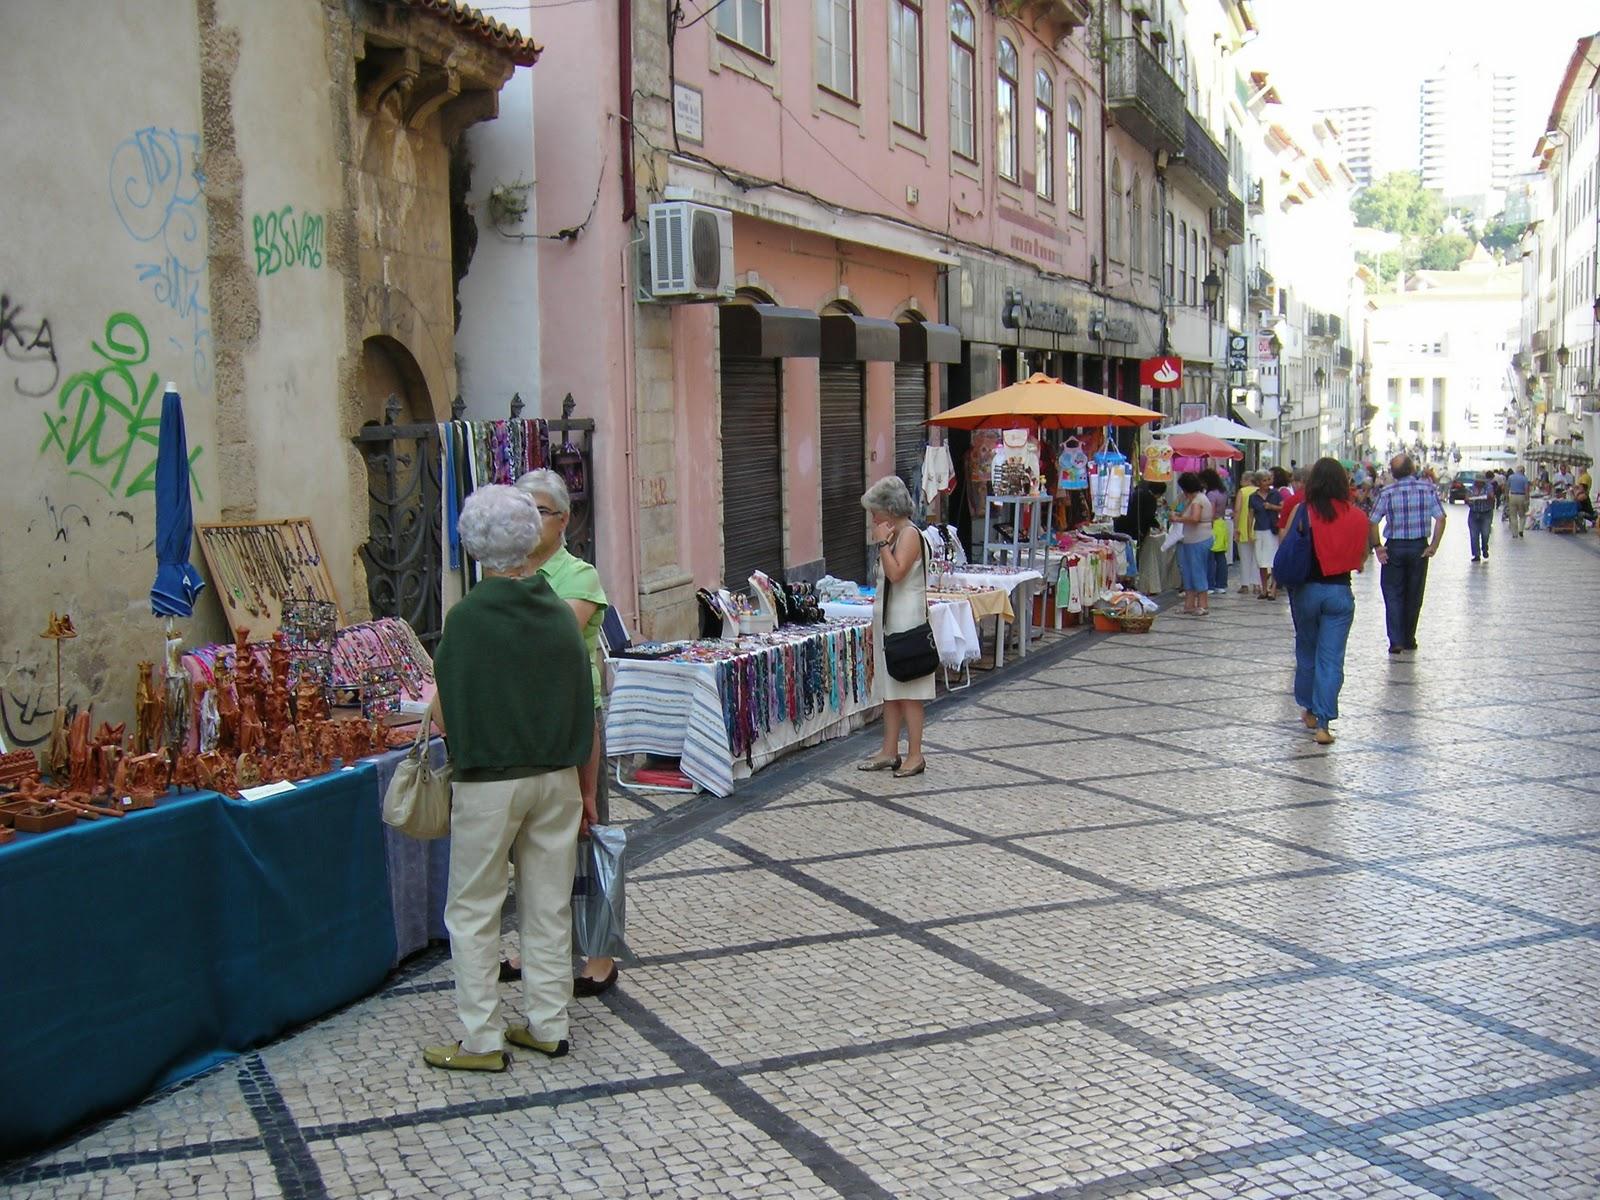 Feira Artesanato Urbano Coimbra ~ anapaulabiju Feira de artesanato urbano de Coimbra